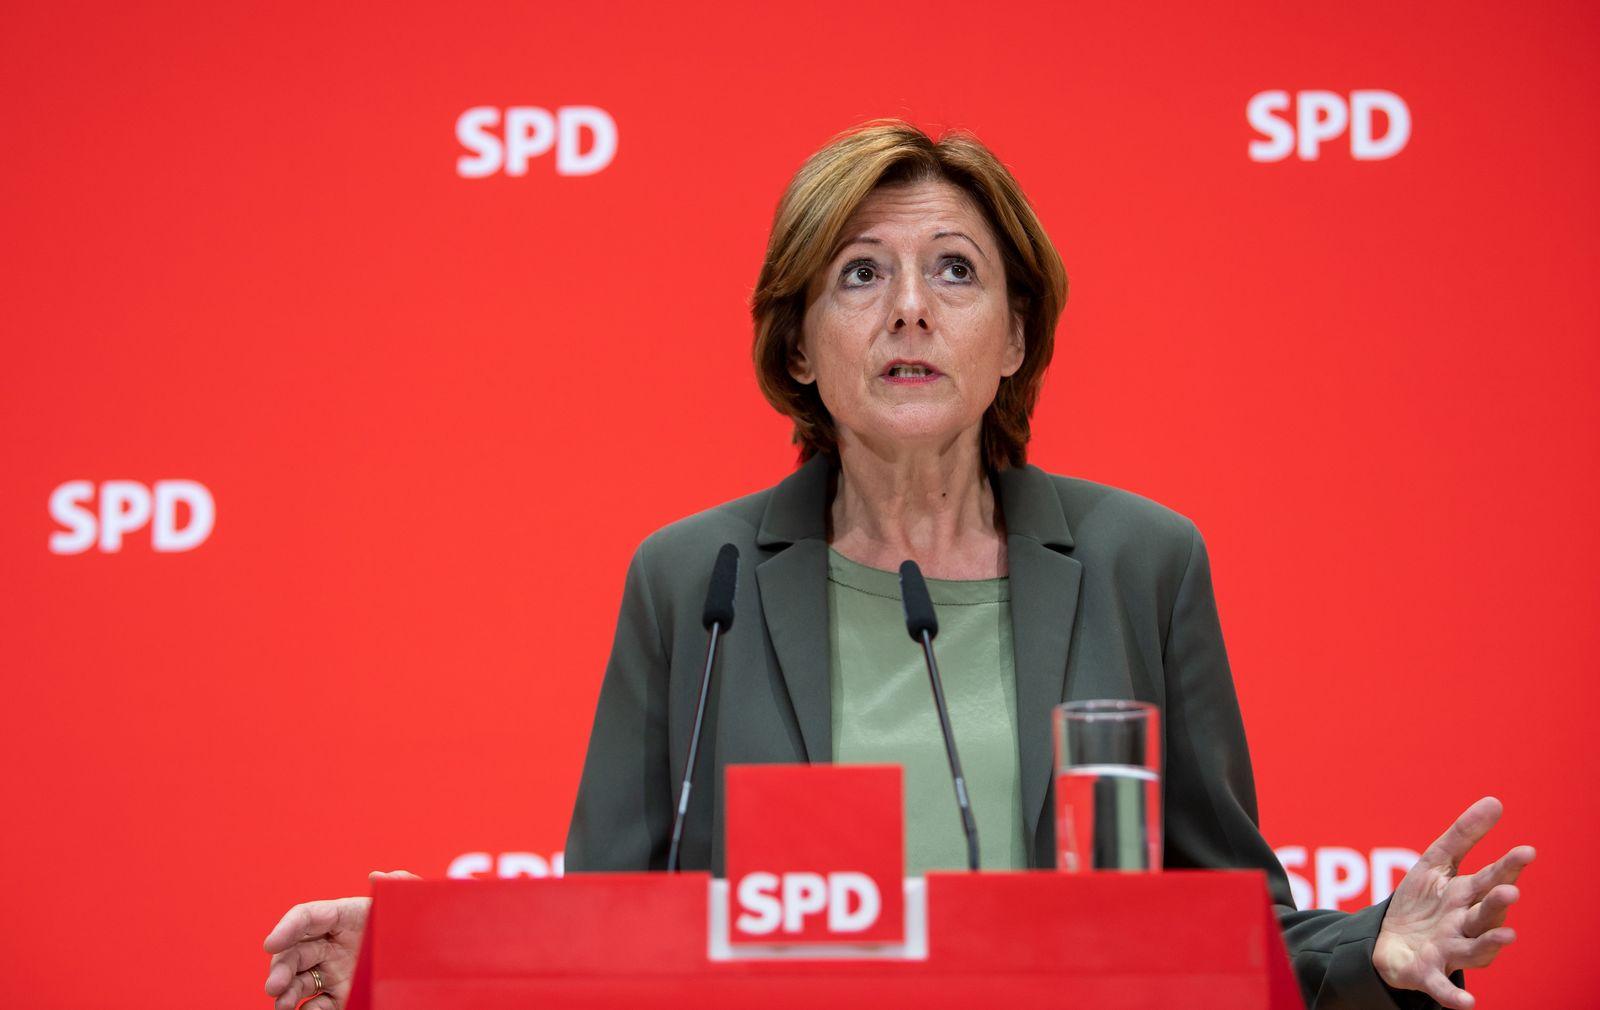 Pressekonferenz der SPD zu Klima